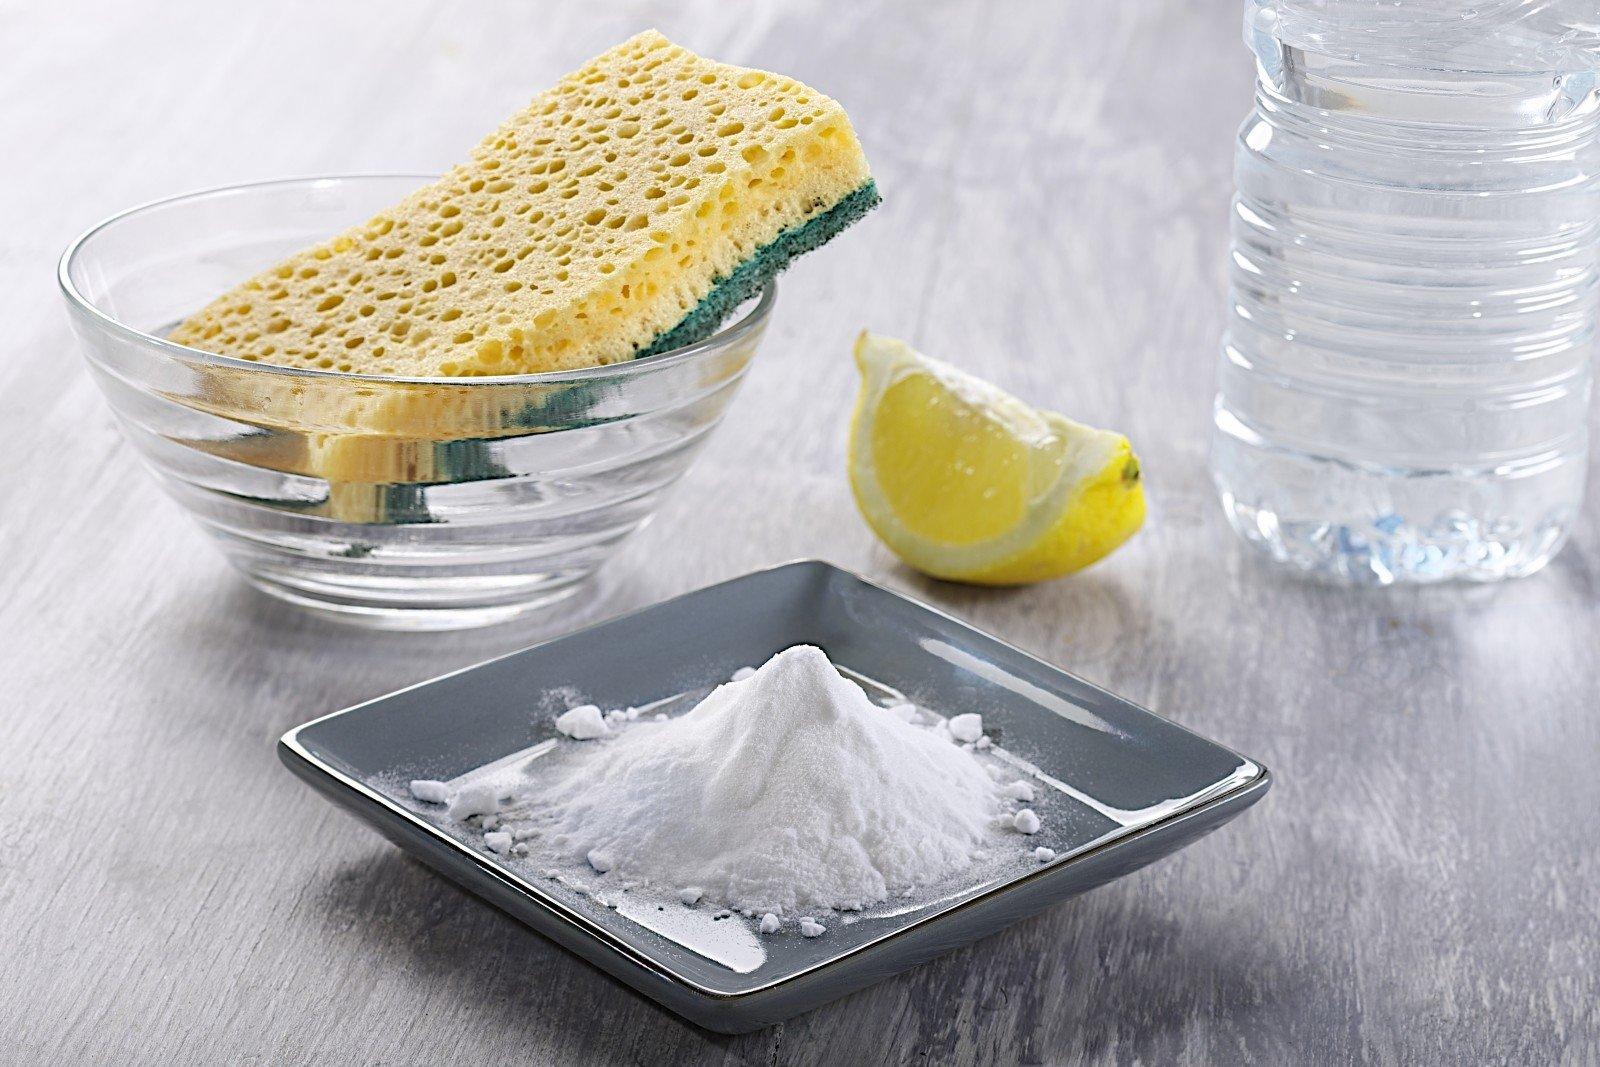 bendri skystų valymo receptai sąnarių skausmas po ligos